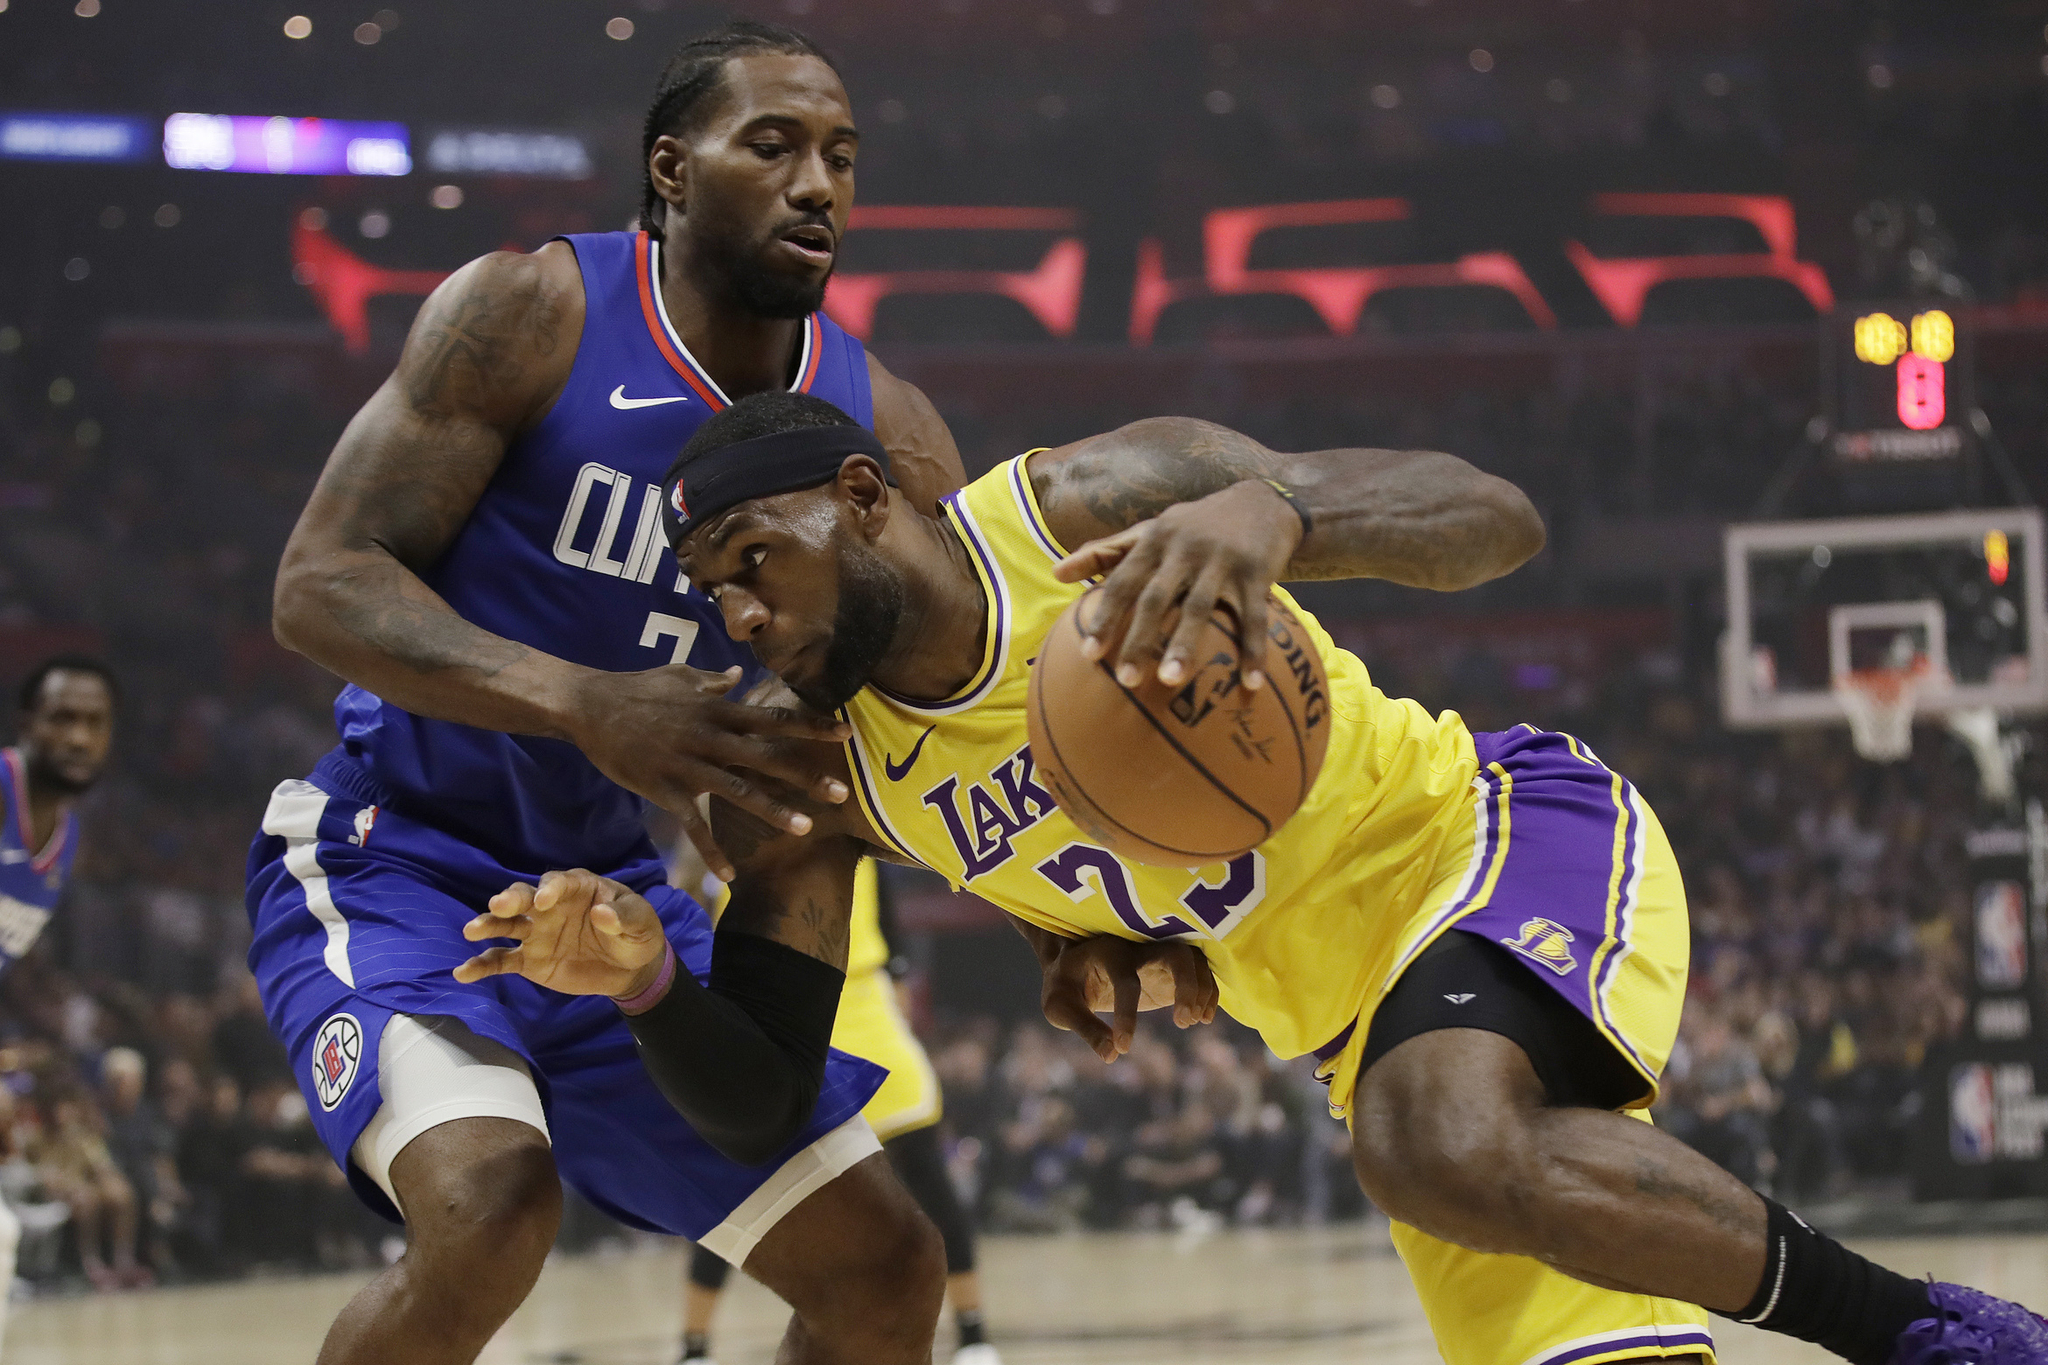 LA클리퍼스 레너드(왼쪽)가 LA 레이커스 르브론 제임스(오른쪽)의 돌파를 막고 있다. NBA 개막전에서는 레너드가 판정승을 거뒀다. [AP=연합뉴스]